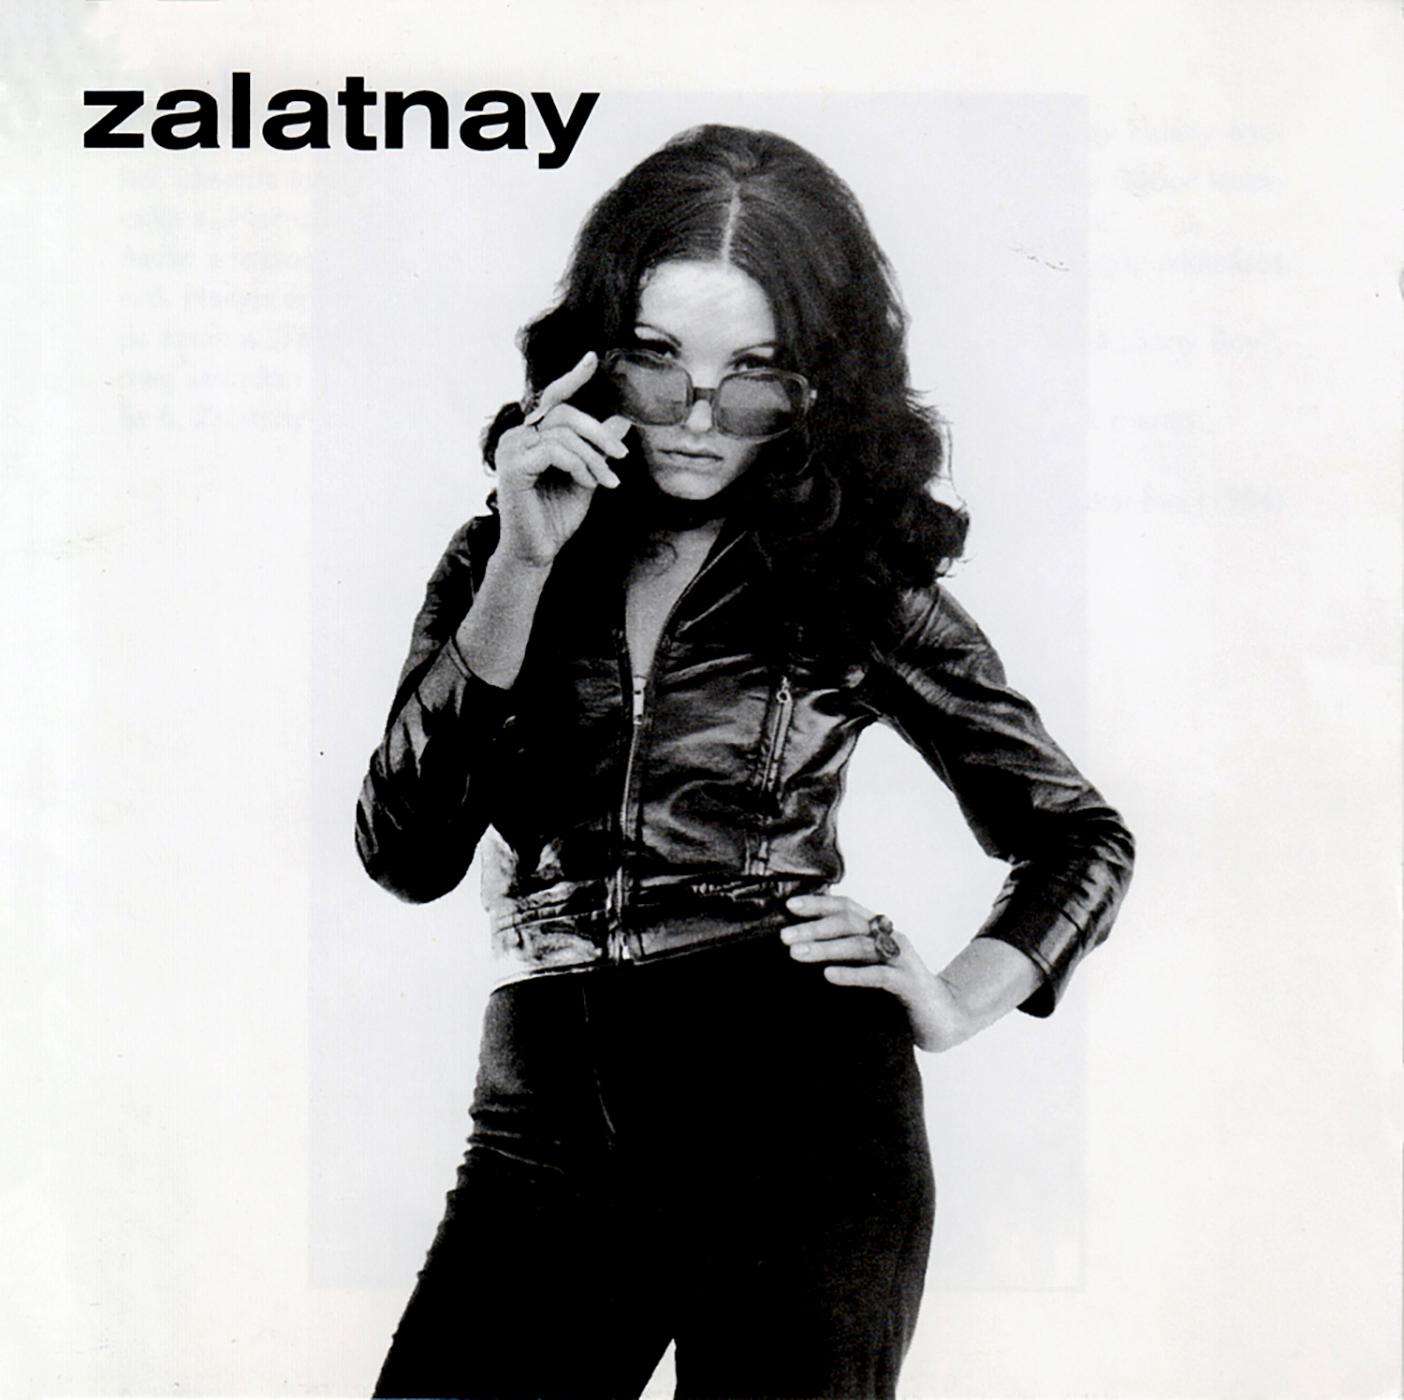 Zalatnay